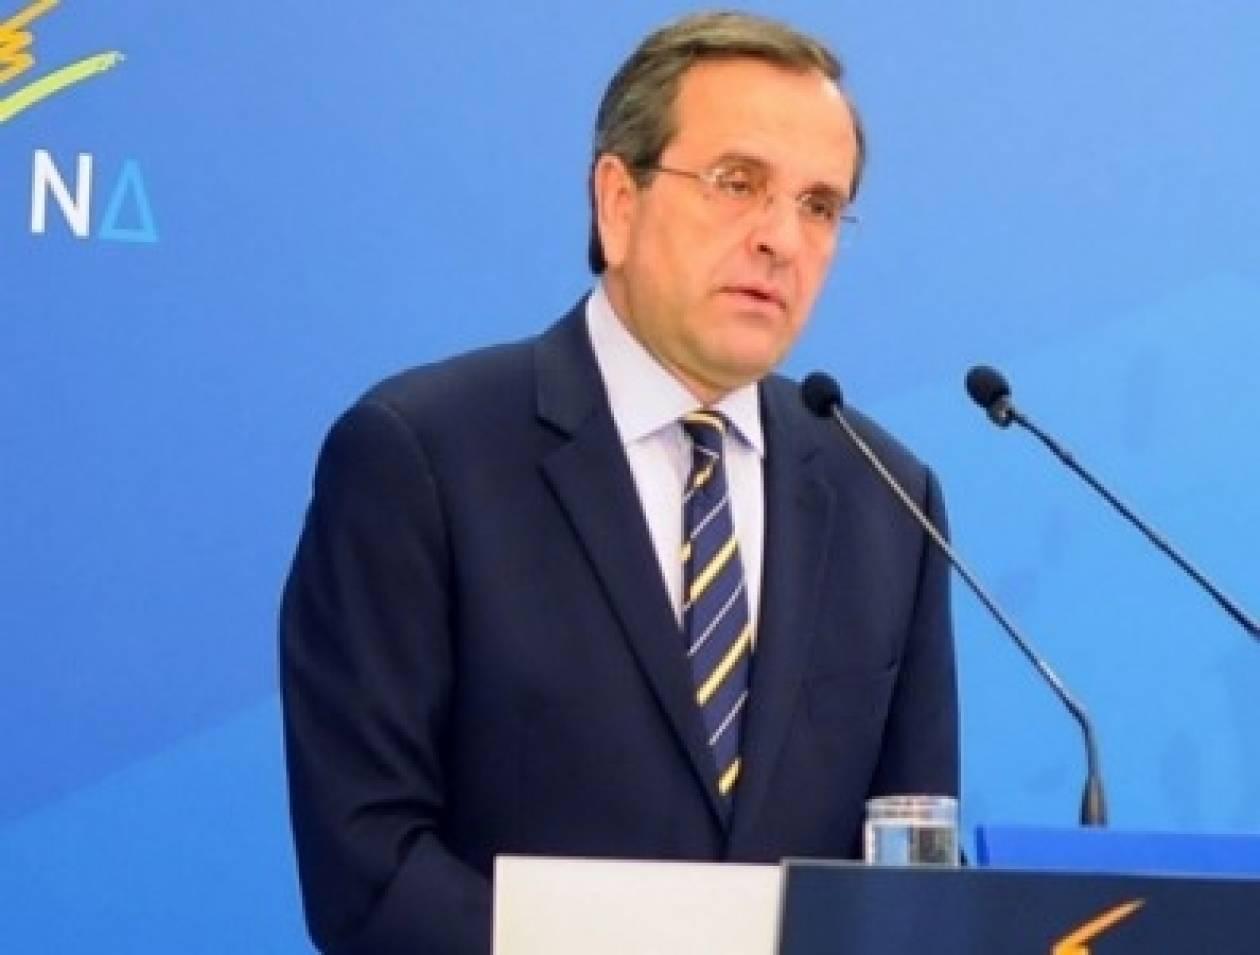 Σαμαράς: Ποιός είναι ο πρωθυπουργός της δραχμής;